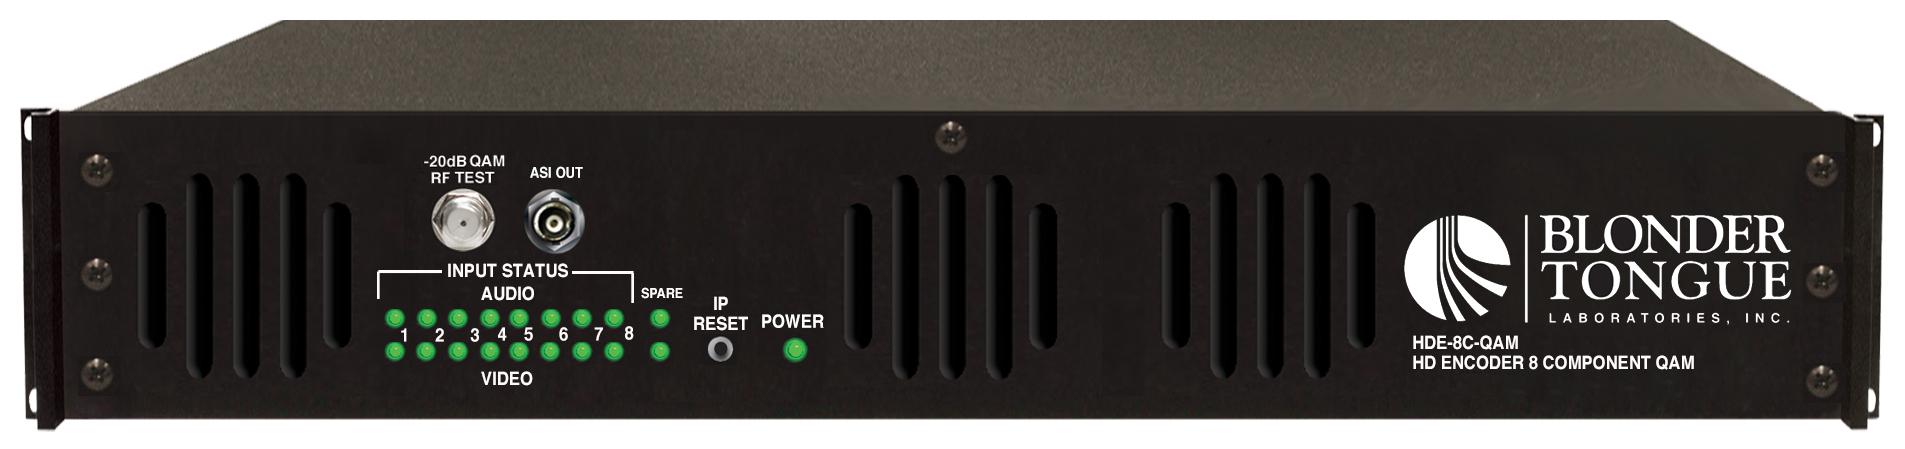 HDE-8C-QAM MPEG-2 HD Encoder